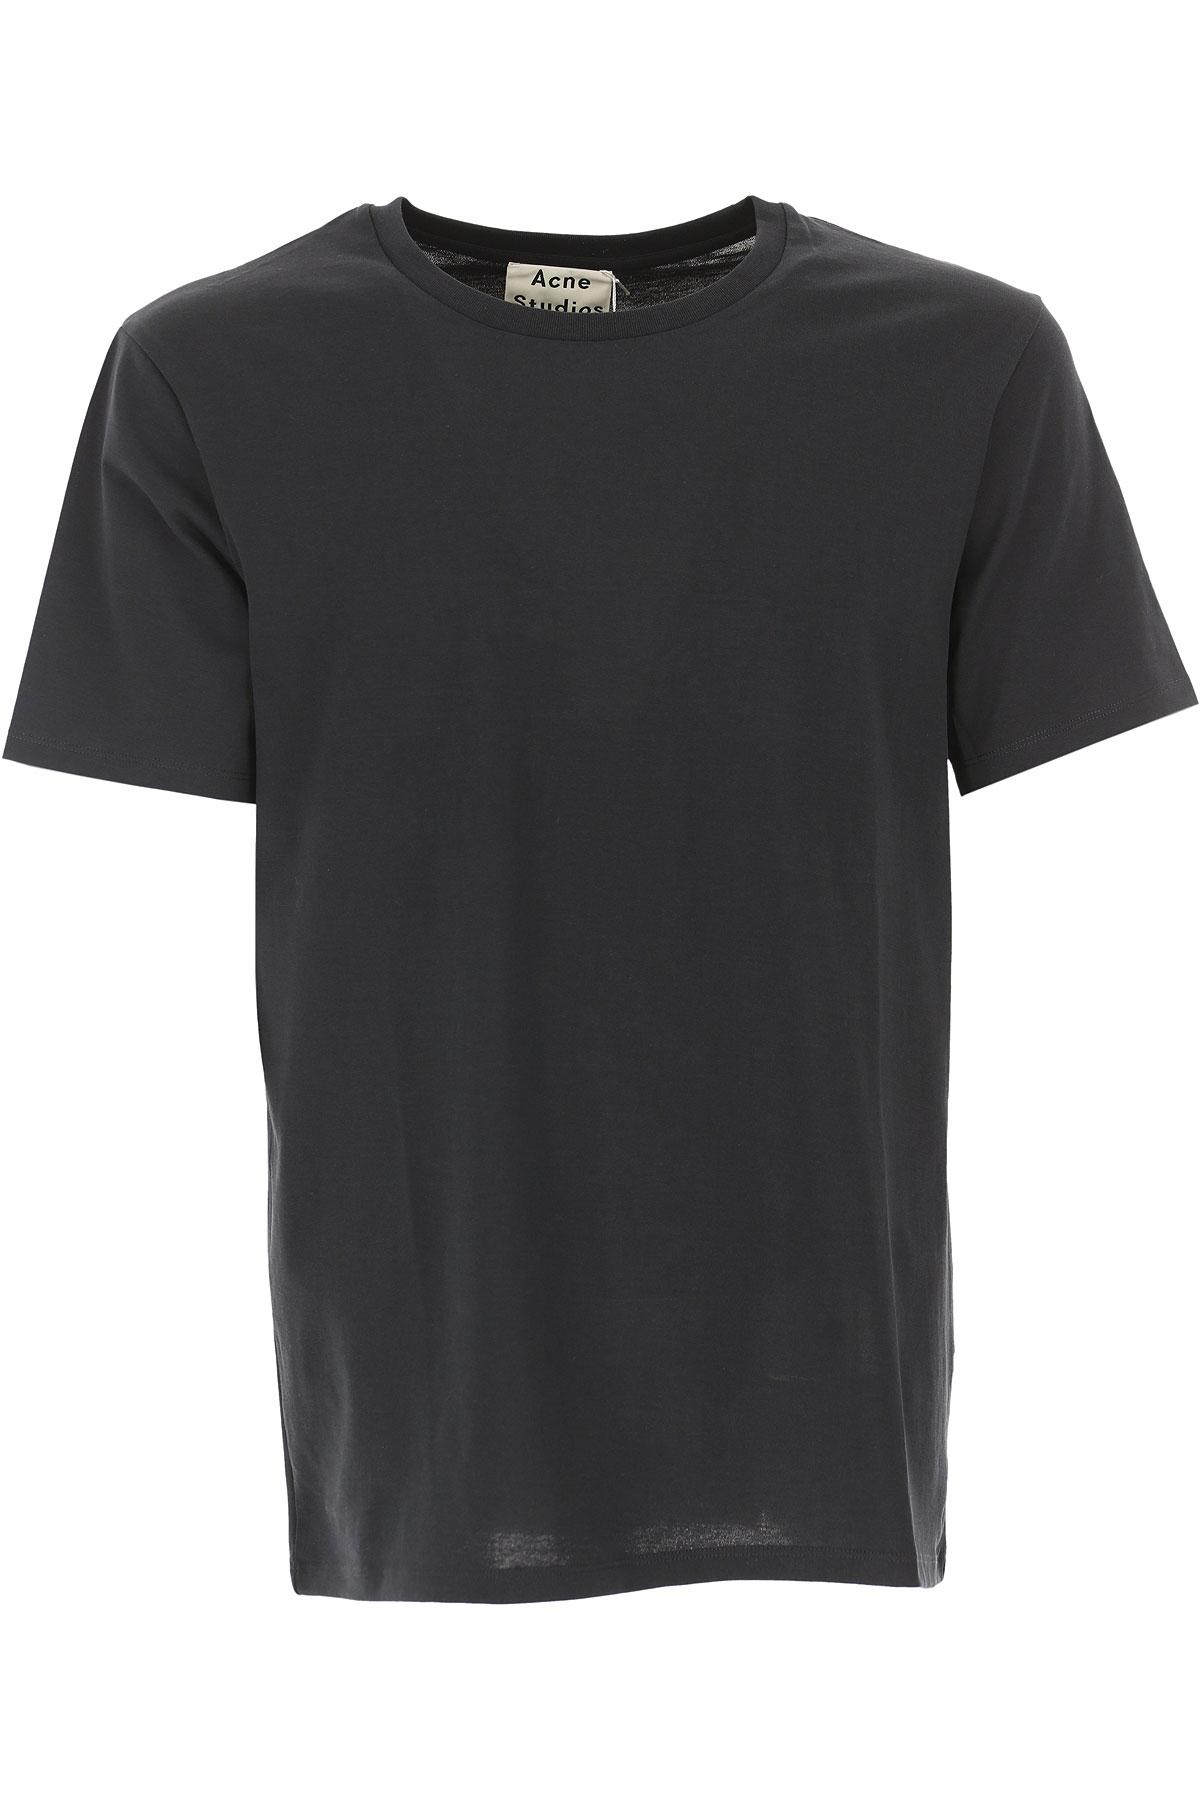 Image of Acne Studios T-Shirt for Men, Black, Cotton, 2017, M S XL XXL